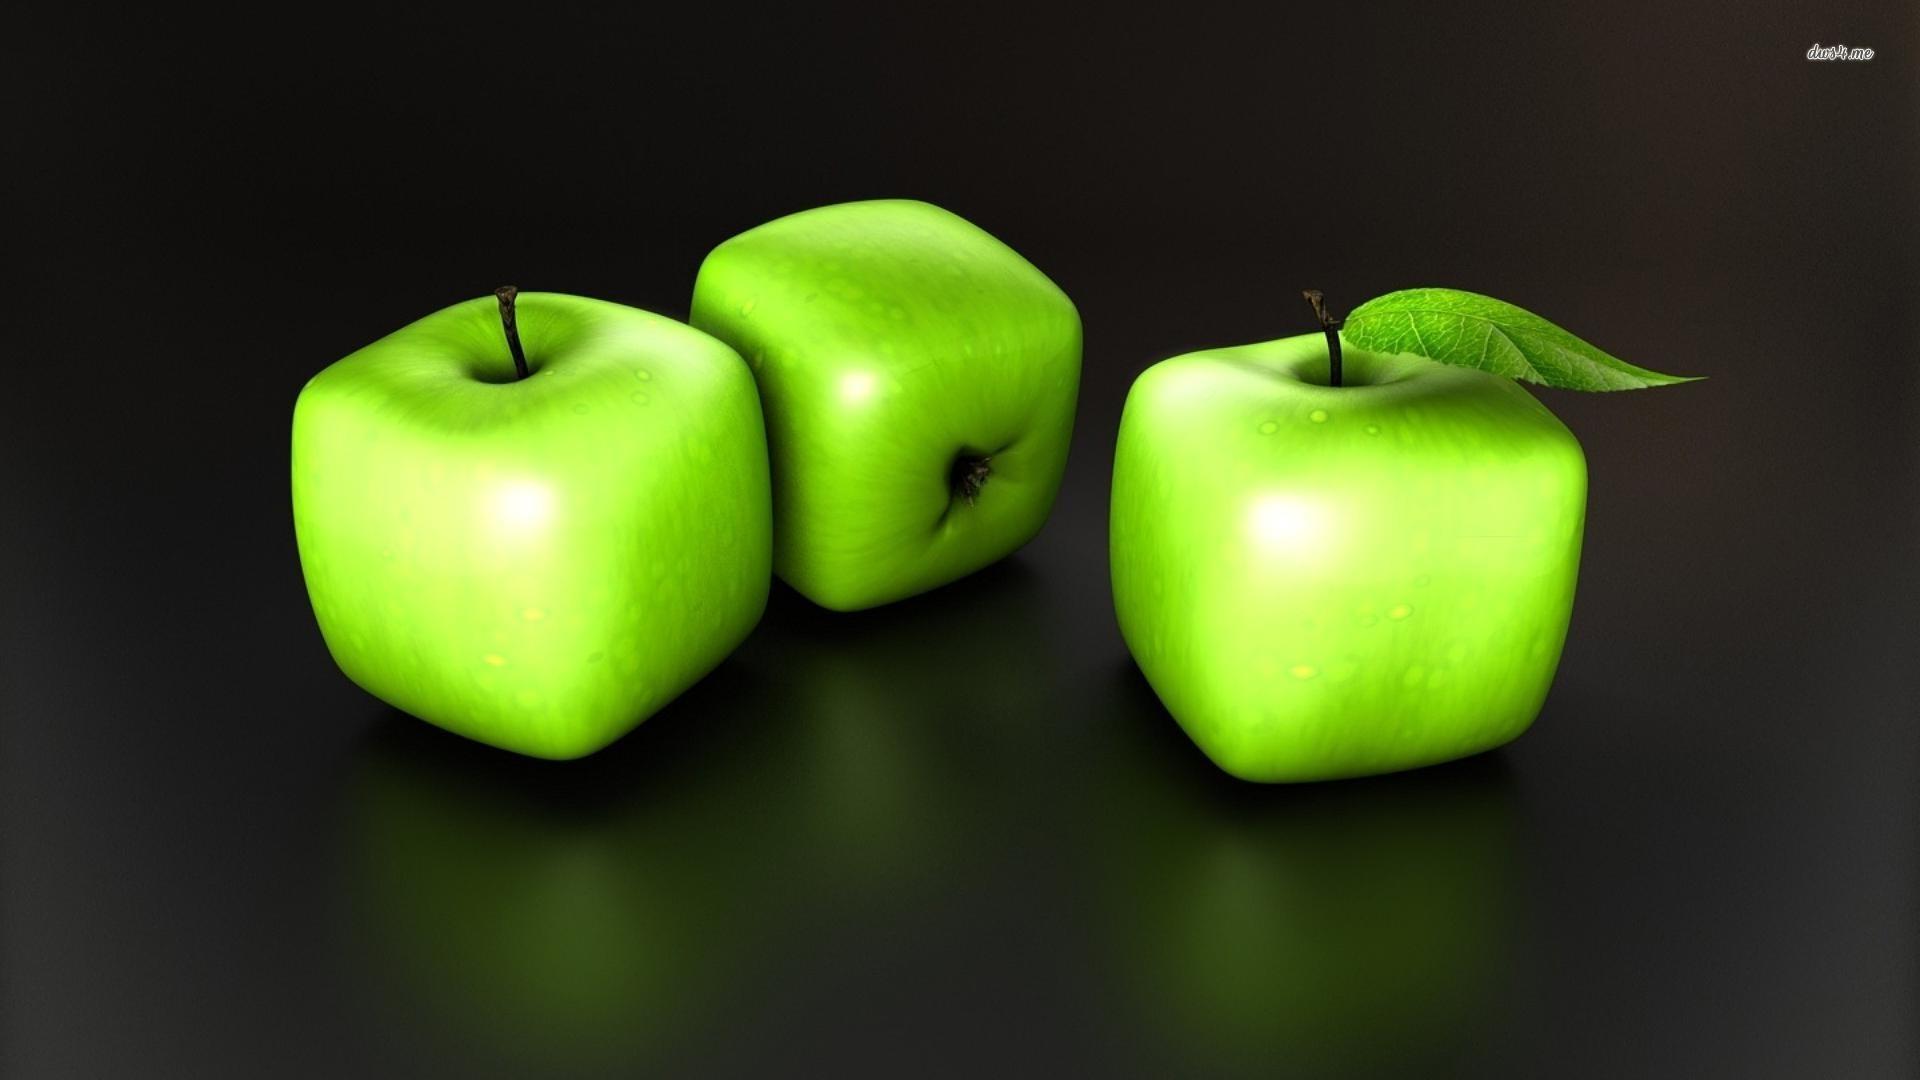 Cube apples wallpaper 1280x800 Cube apples wallpaper 1366x768 Cube 1920x1080